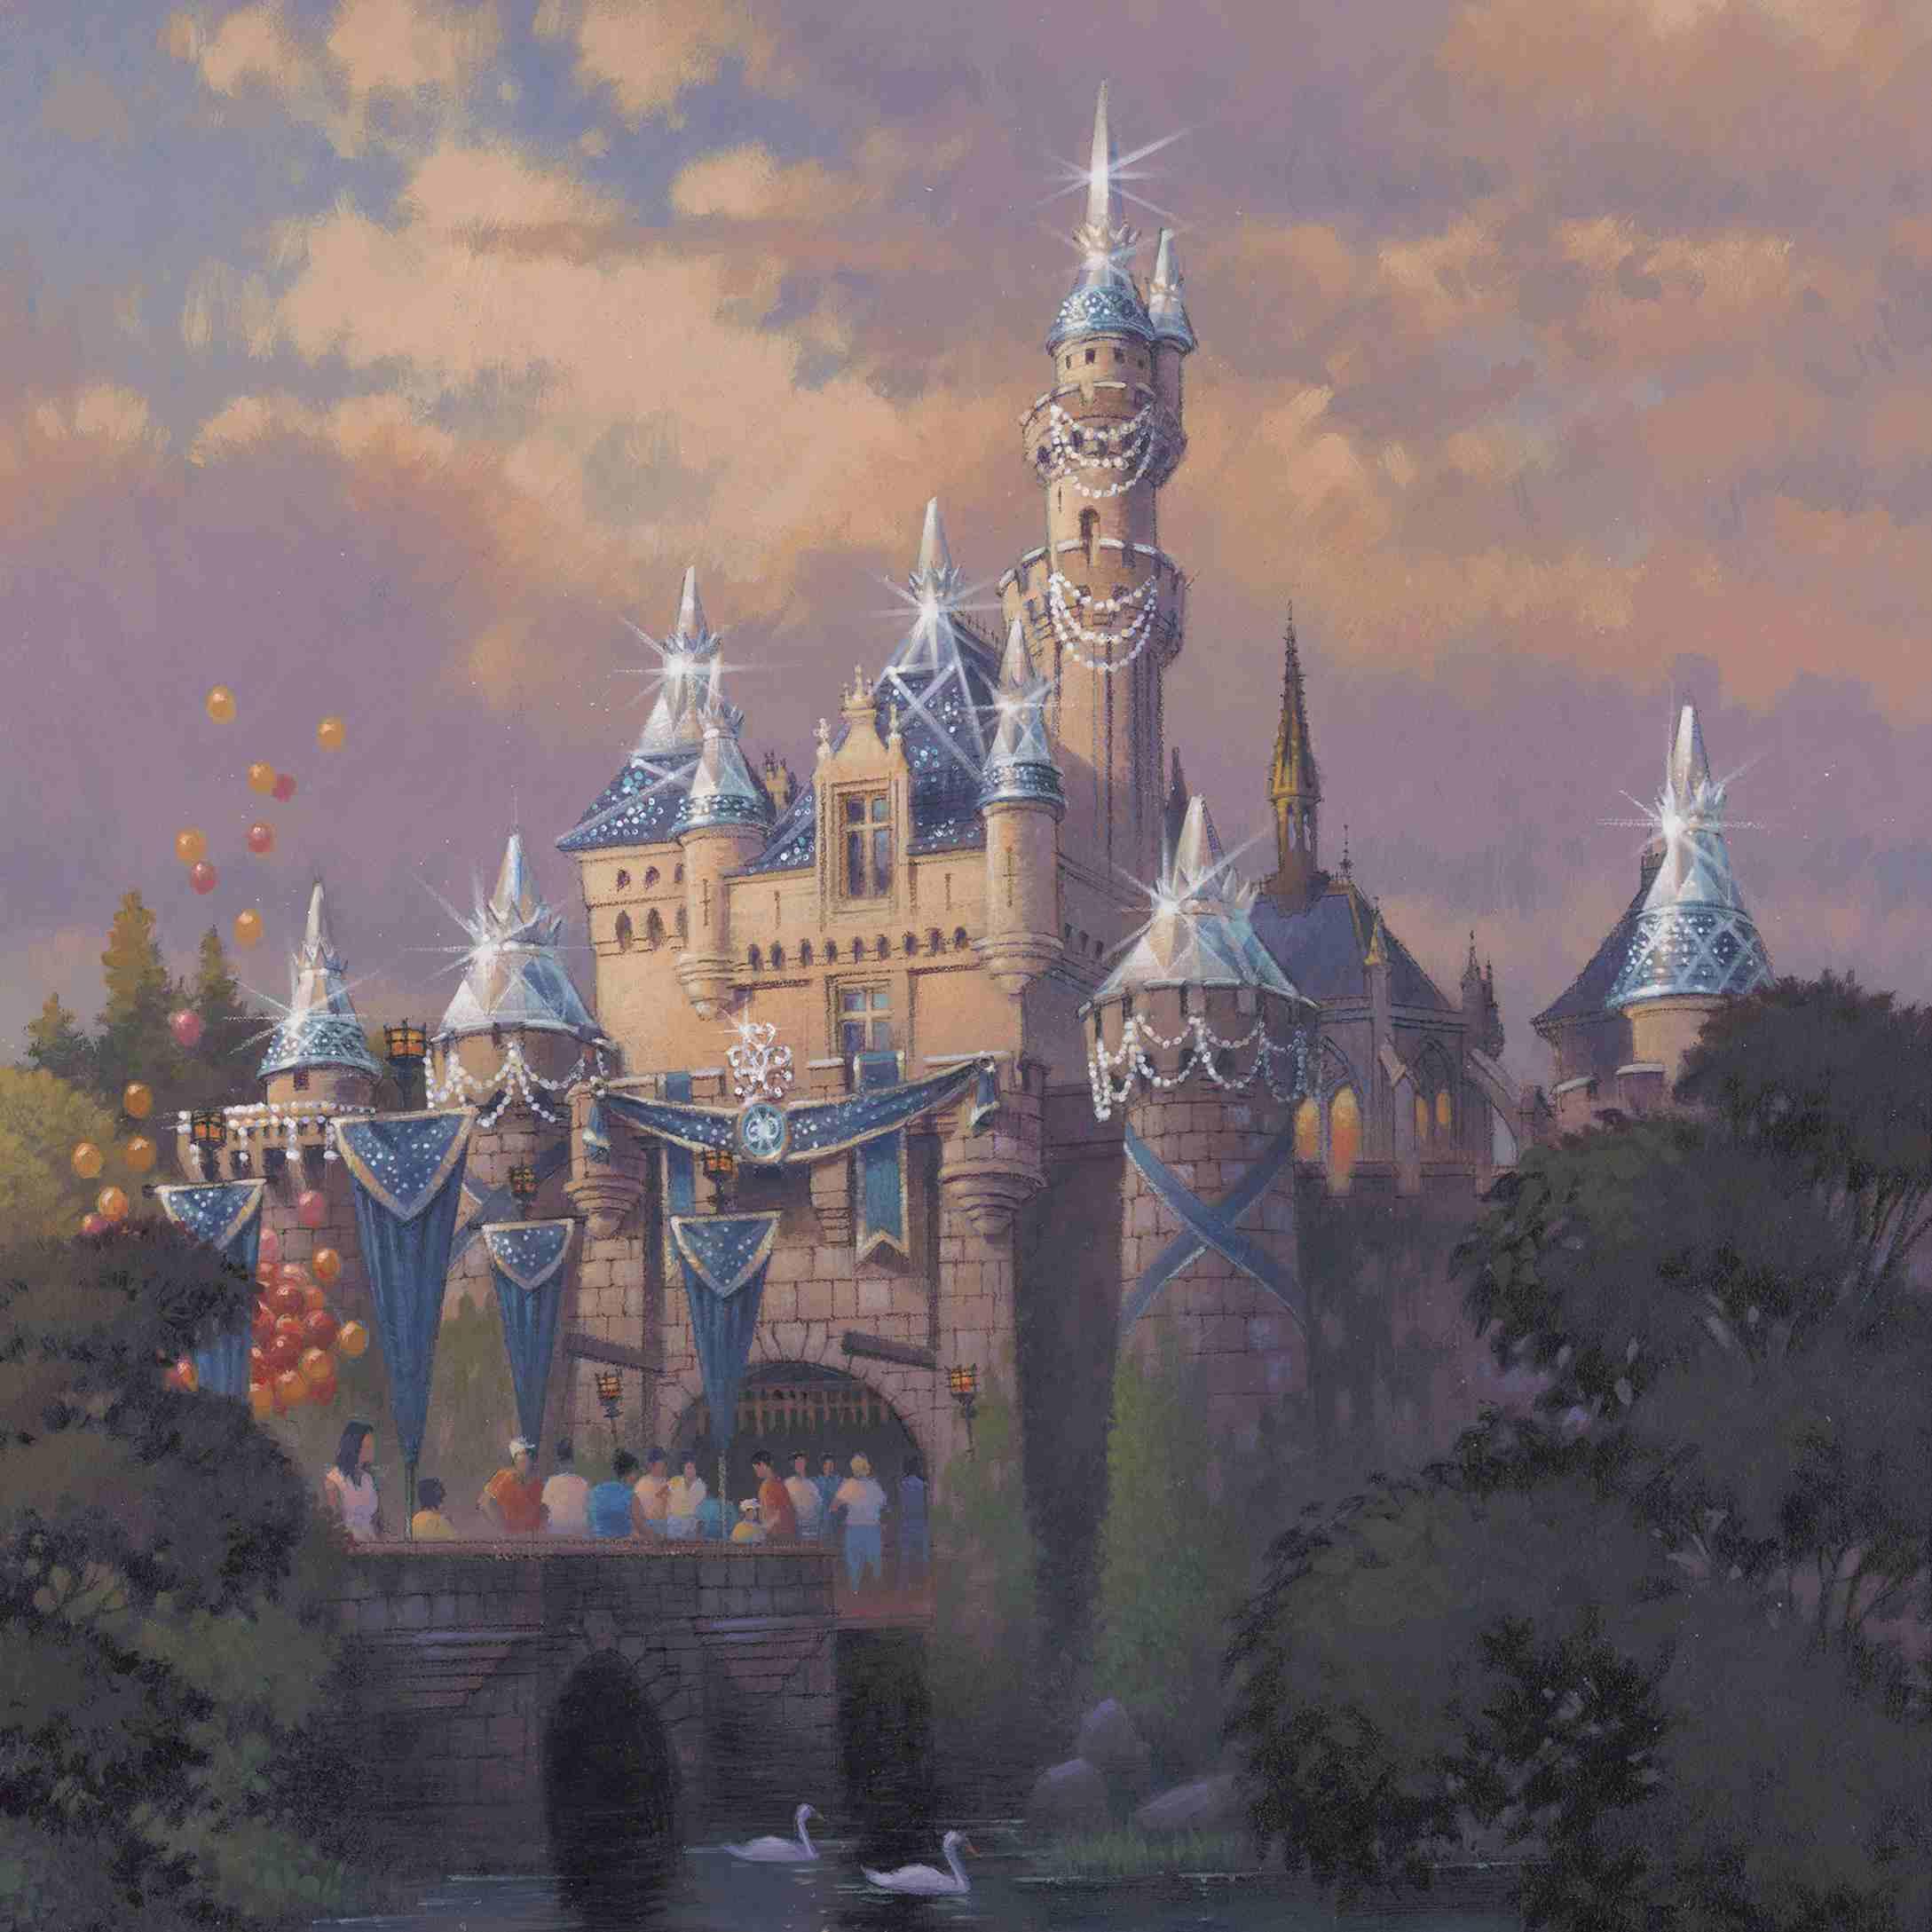 Sleeping-Beauty-Castle-Decor-1_15_WDI_9801.jpg